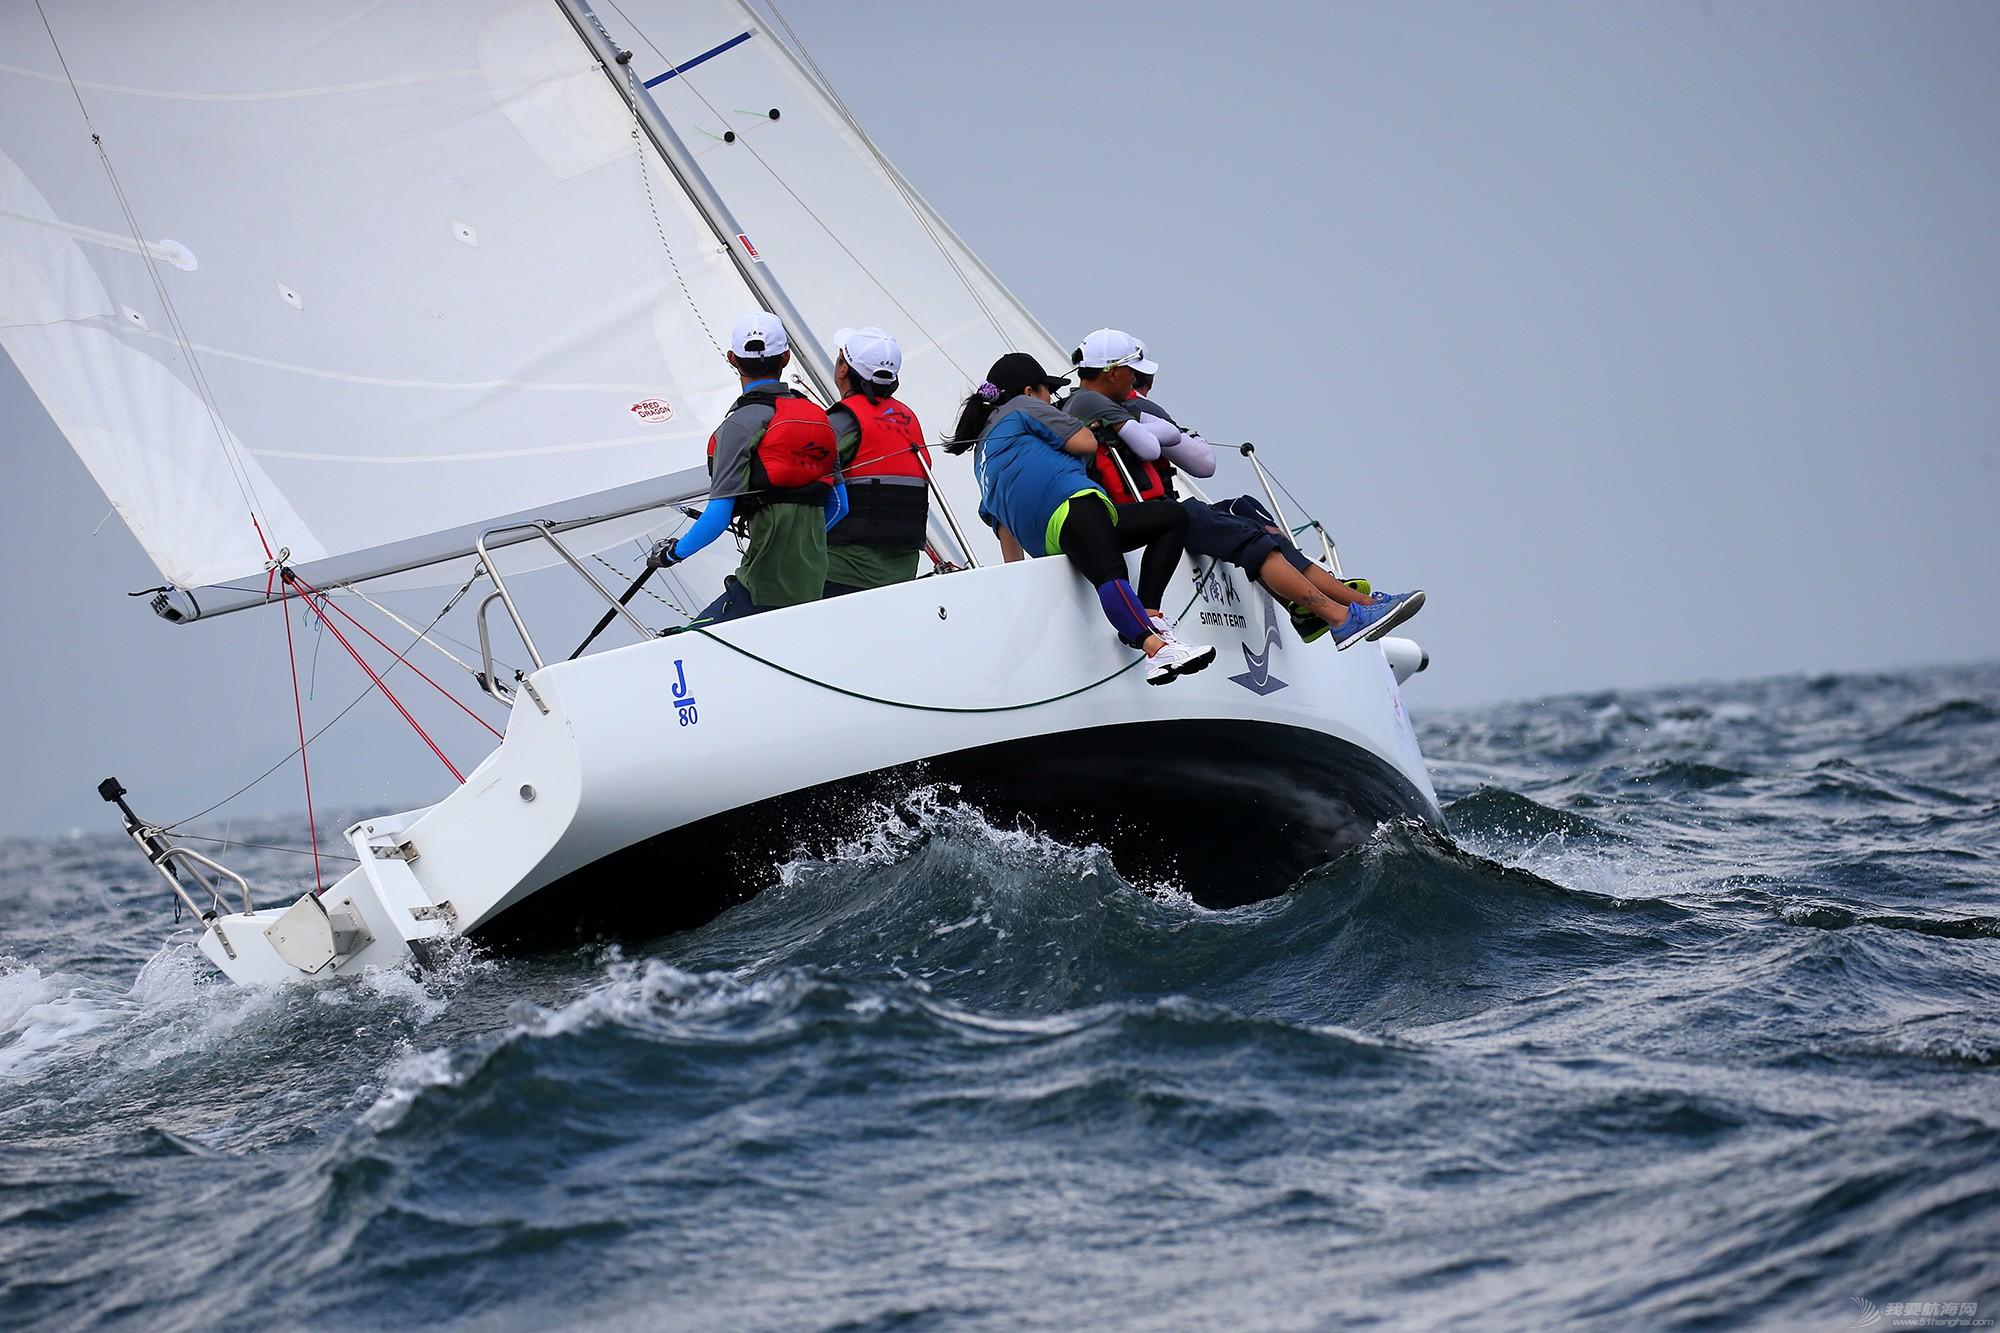 中国 中国杯帆船赛第三日——无风不起浪,雨中见刀枪 E78W7334.JPG